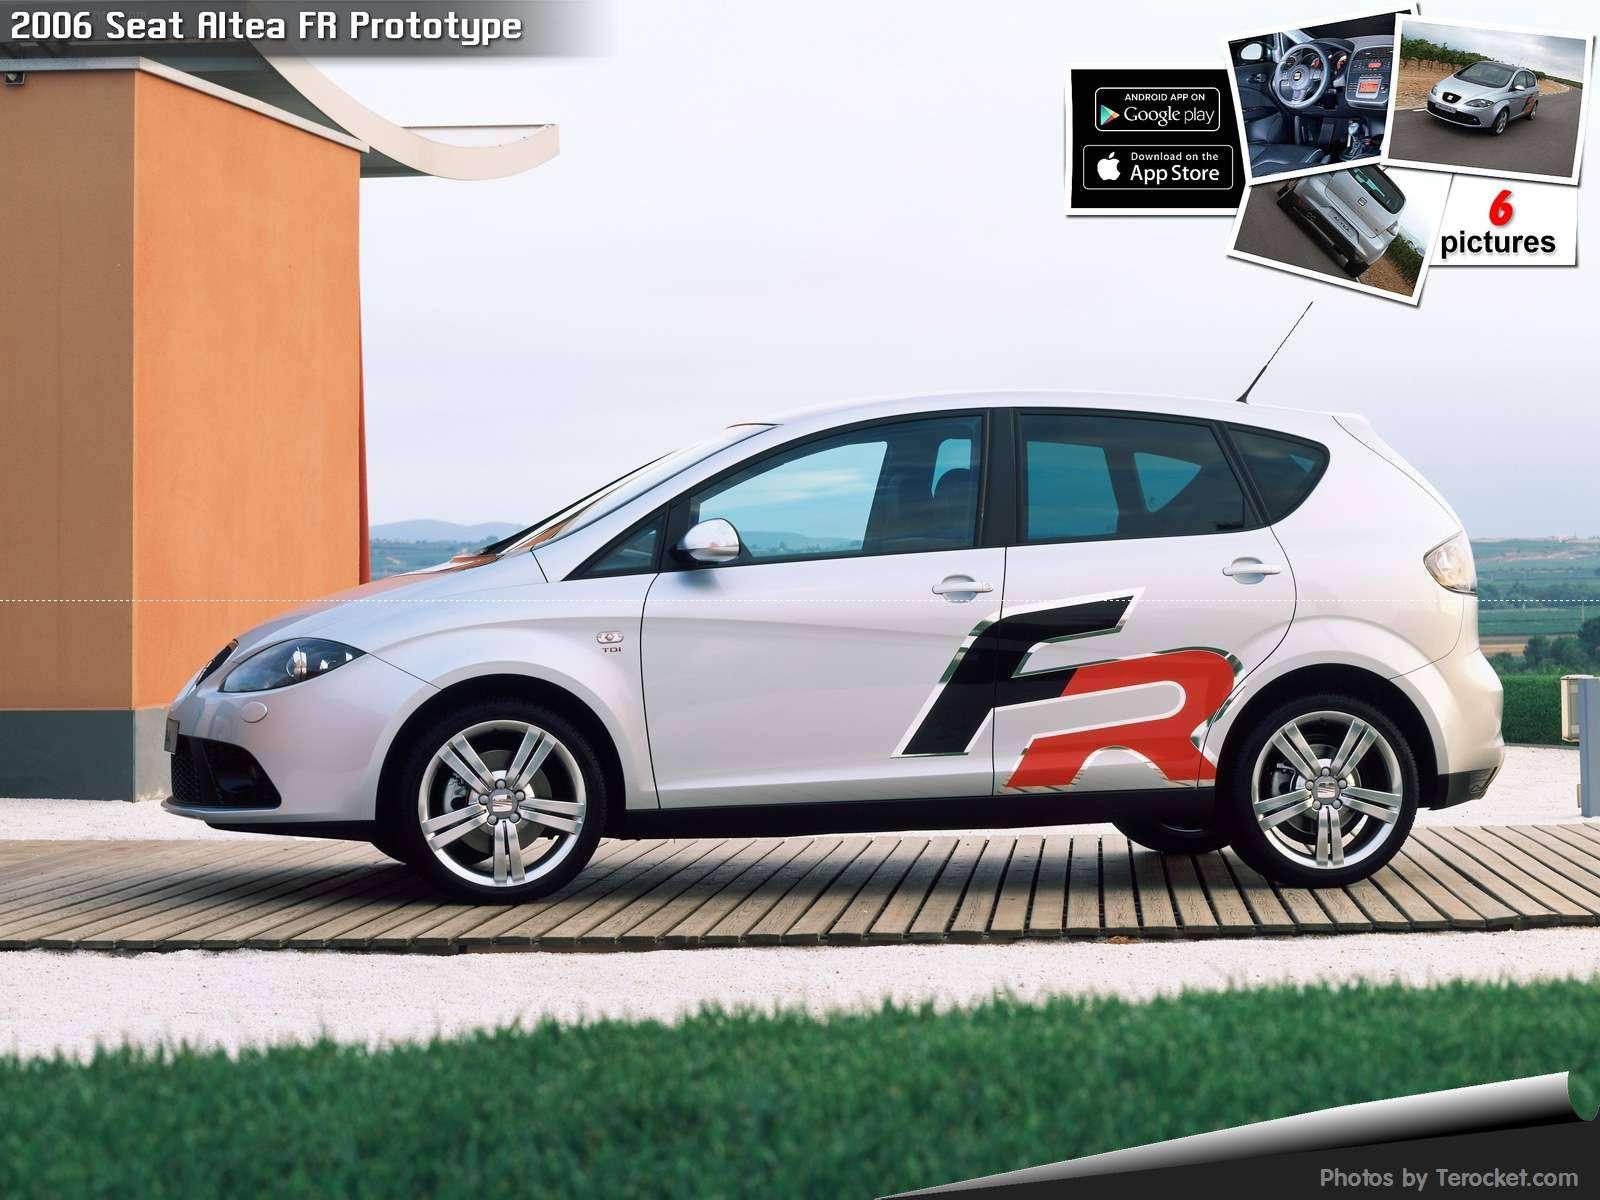 Hình ảnh xe ô tô Seat Altea FR Prototype 2006 & nội ngoại thất Photos